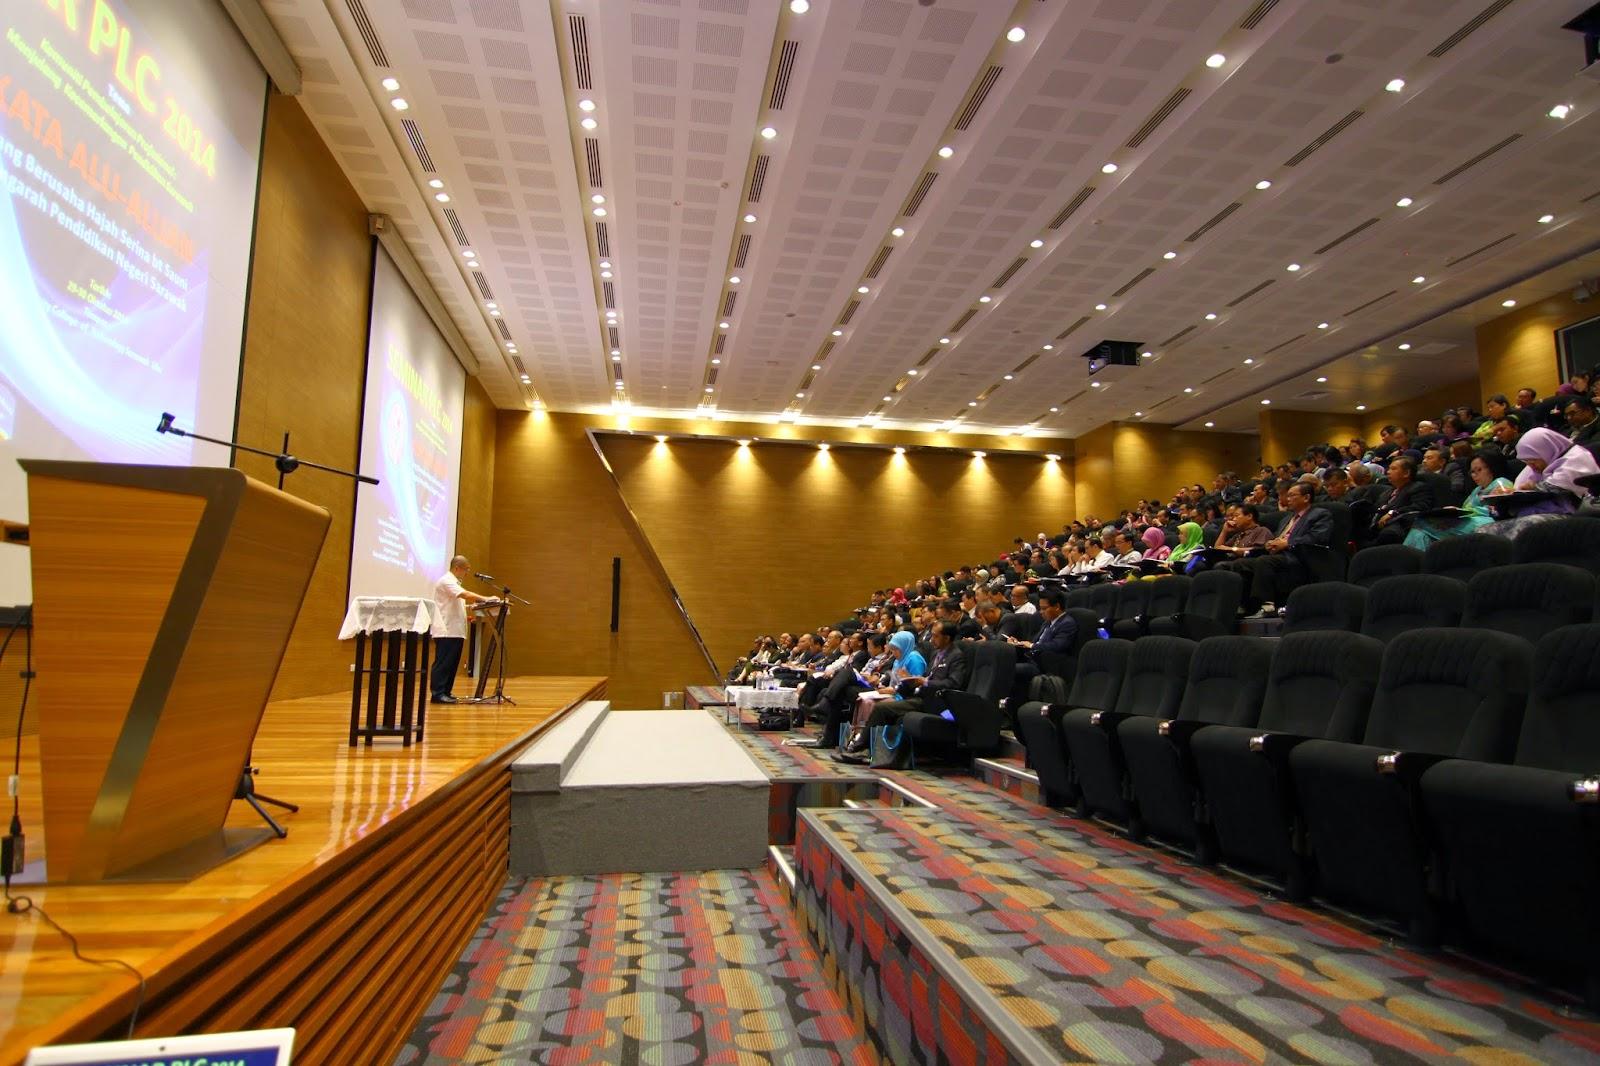 Seminar PLC 2 hari ini dilangsungkan di Theatre Room C